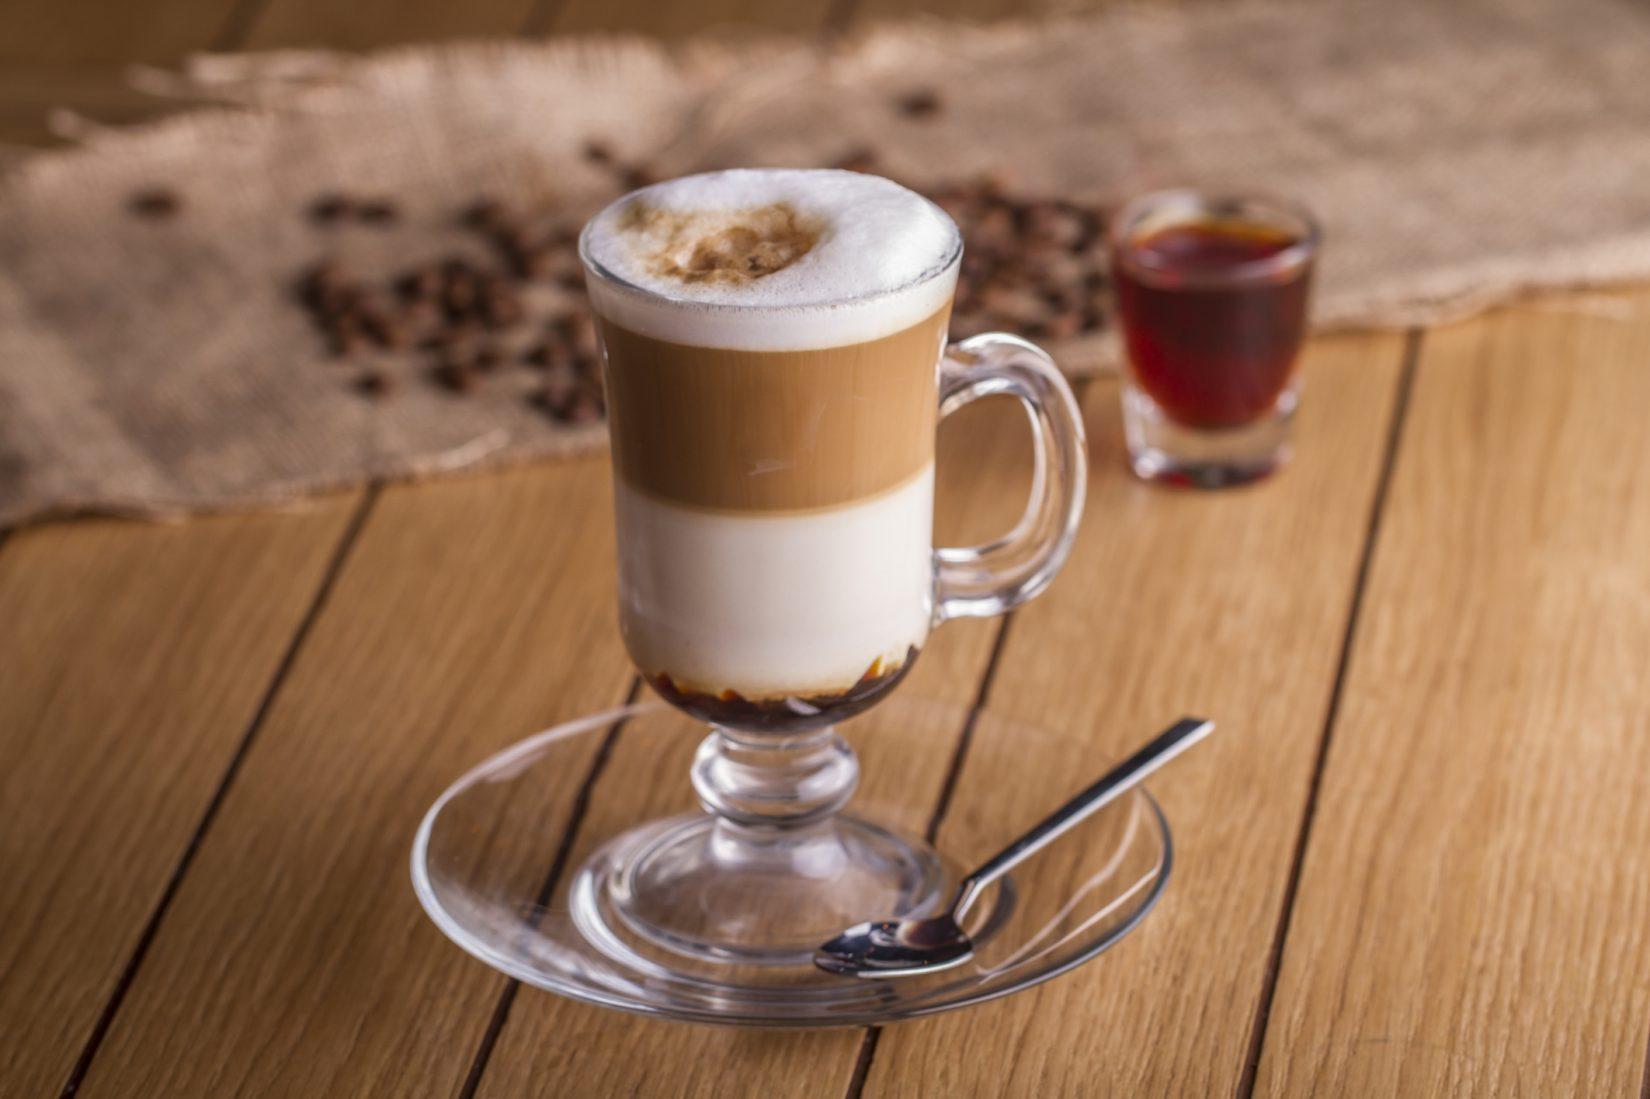 Фото кофе в айриш бокале